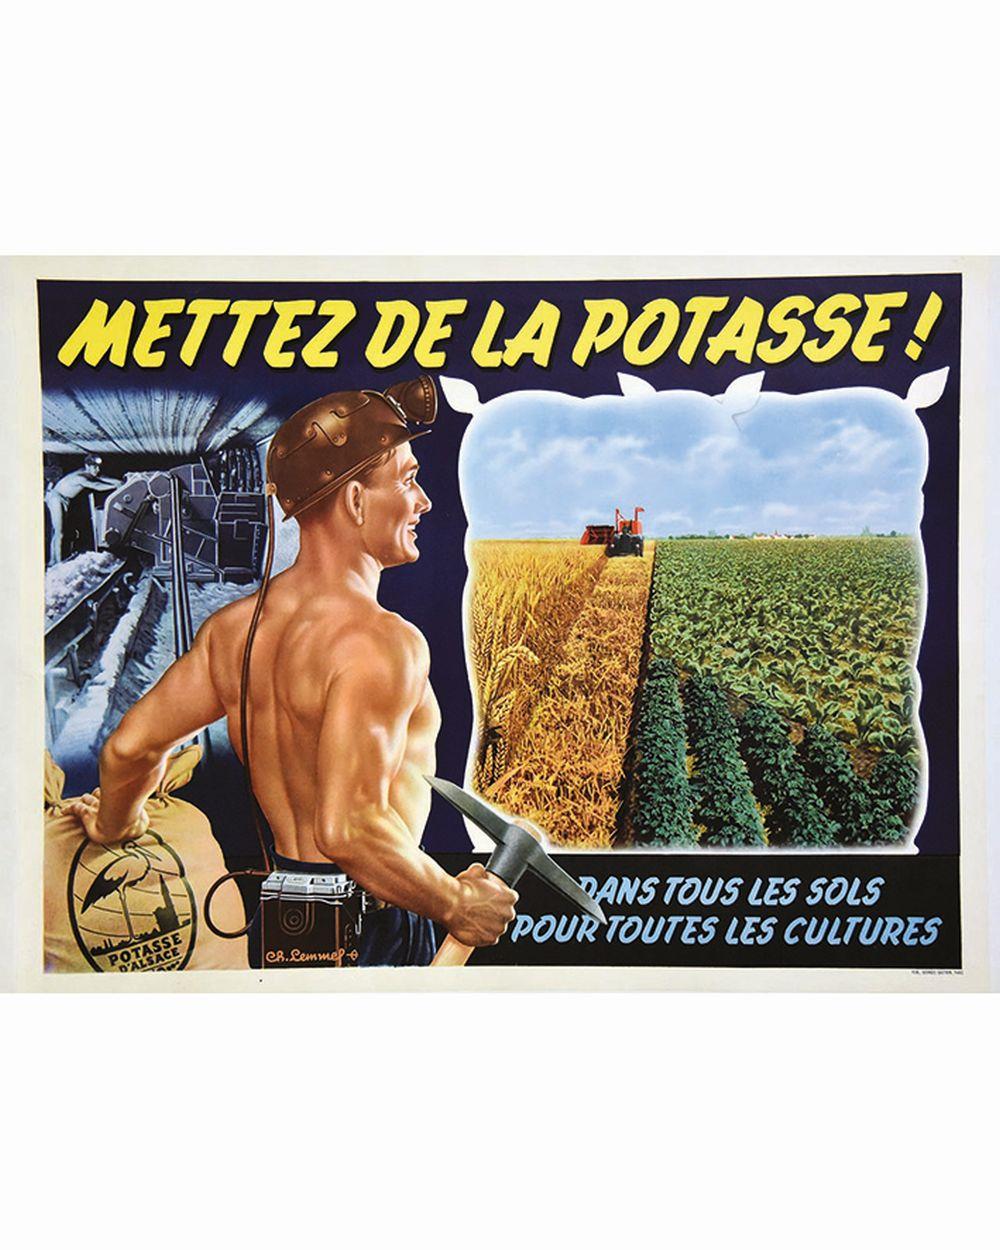 LEMMEL  CH. - Mettez de la Potasse! - Dans tous les sols pour toutes les cultures. Potasse d'Alsace.     vers 1950  Strasbourg (Bas-Rhin)